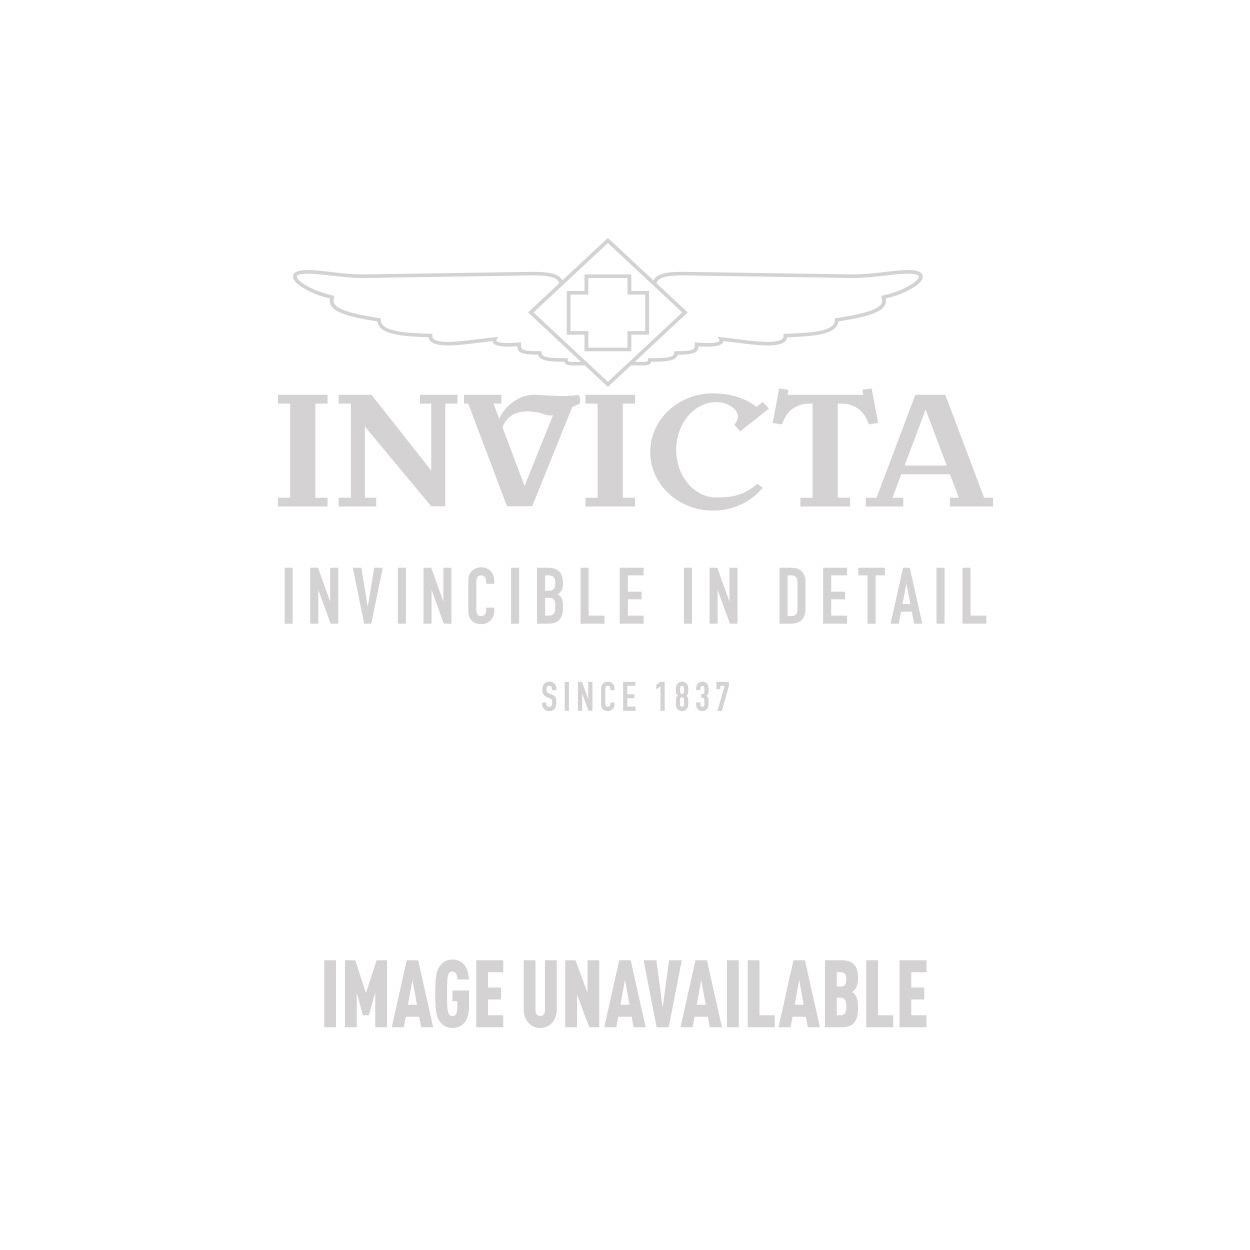 Invicta Model 24549